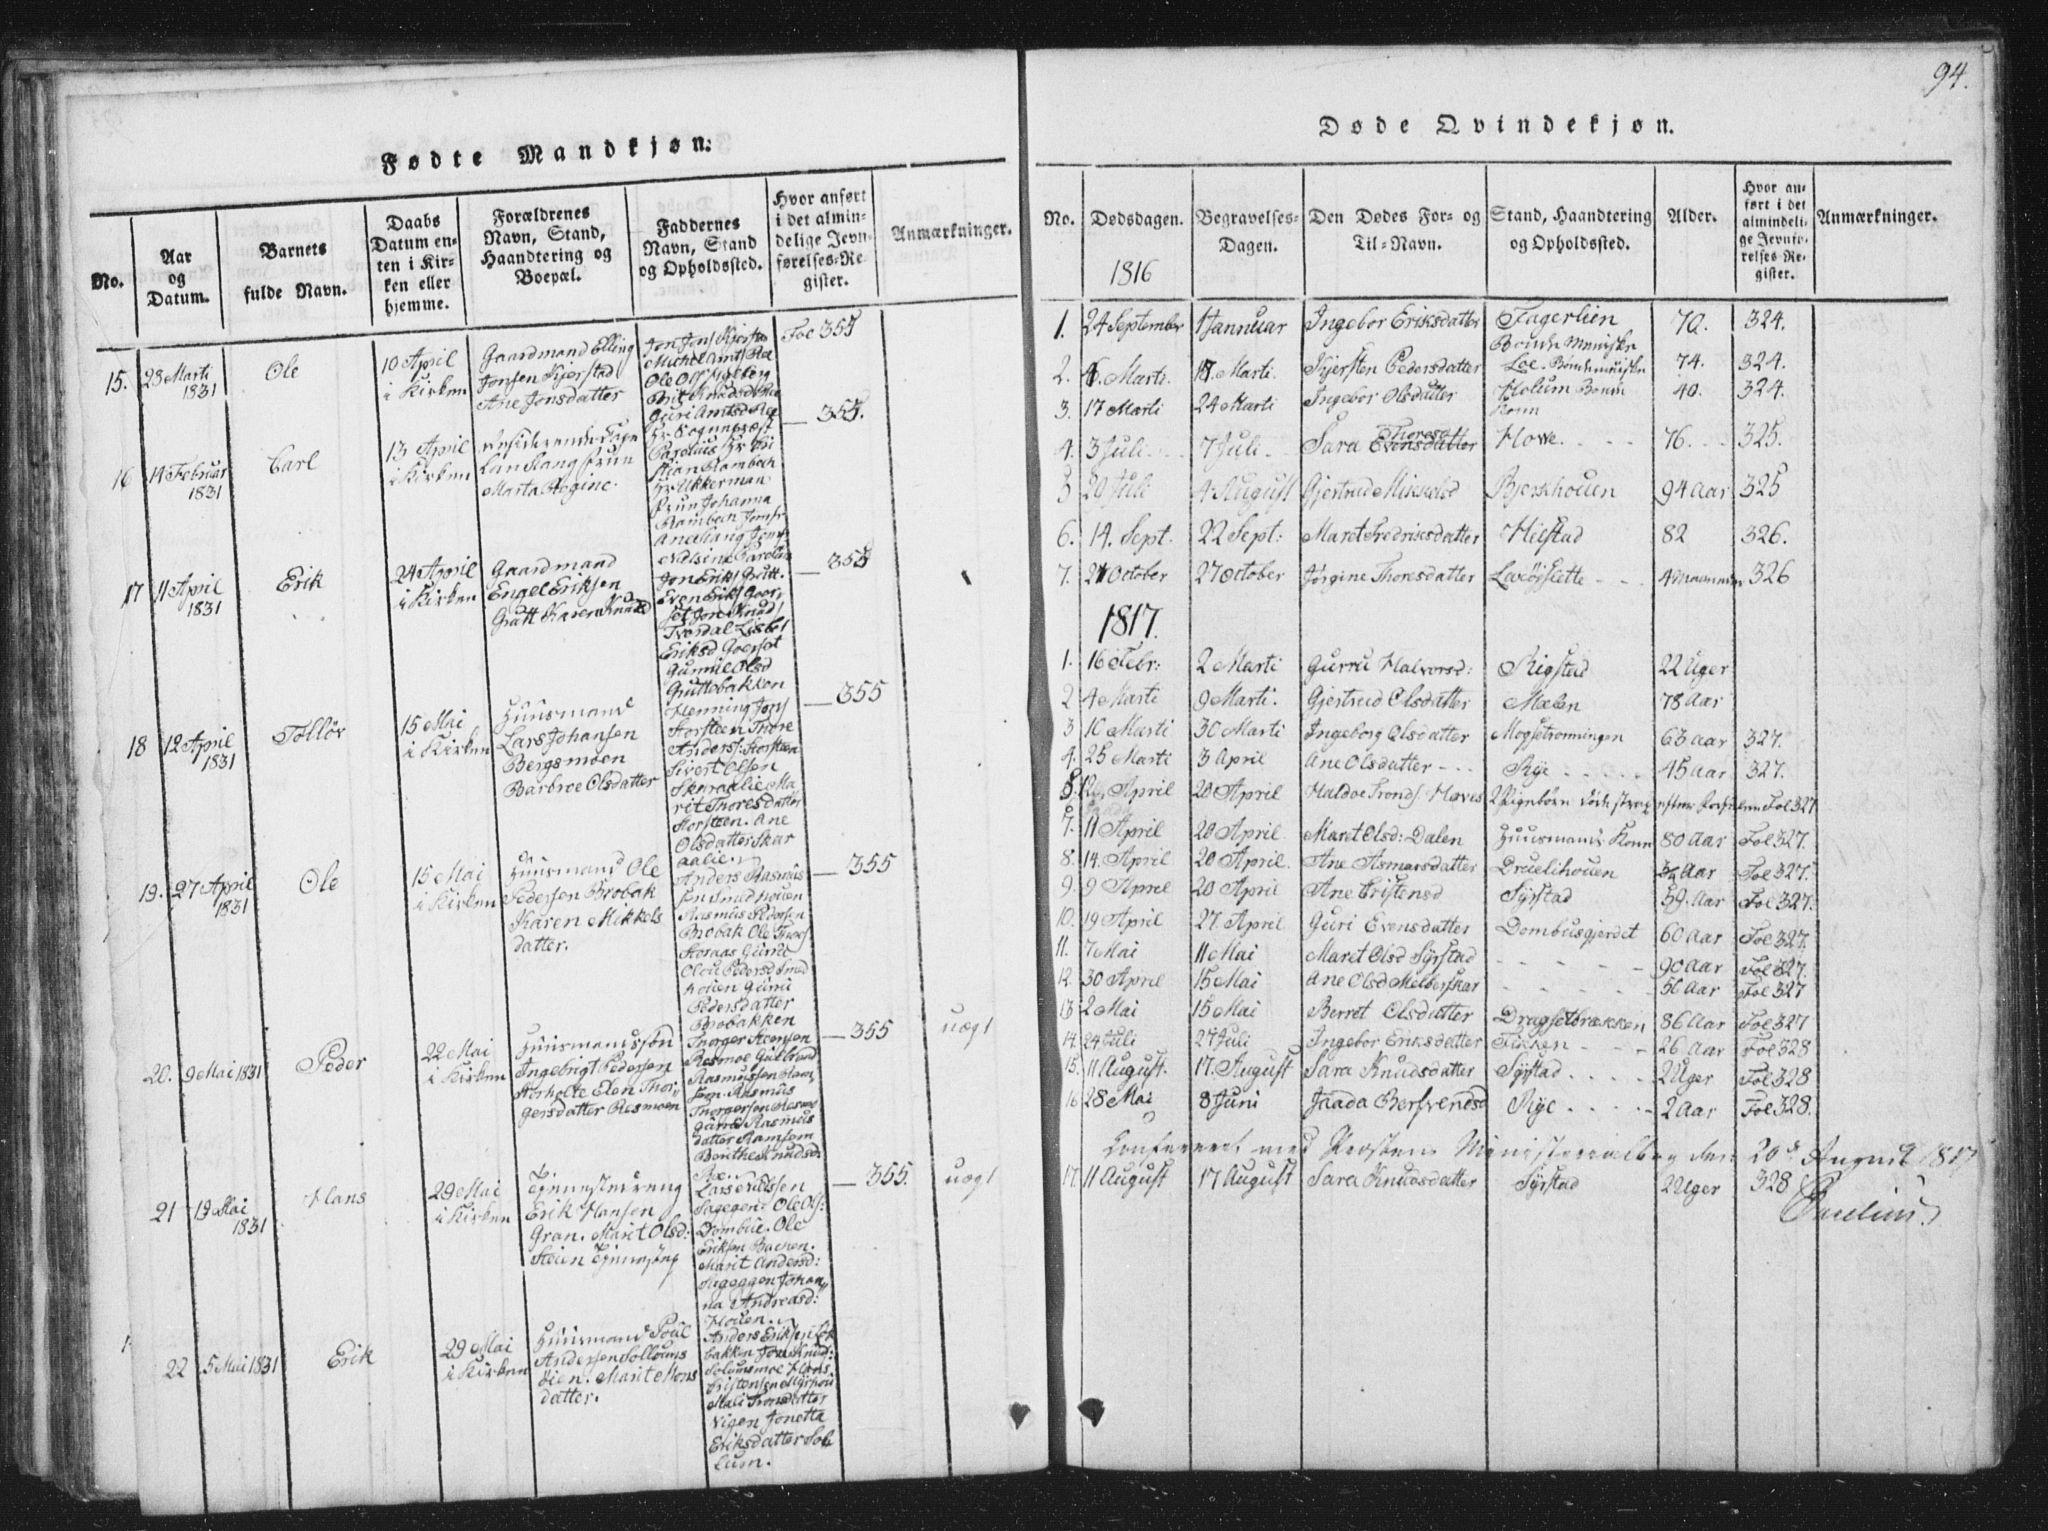 SAT, Ministerialprotokoller, klokkerbøker og fødselsregistre - Sør-Trøndelag, 672/L0862: Klokkerbok nr. 672C01, 1816-1831, s. 94